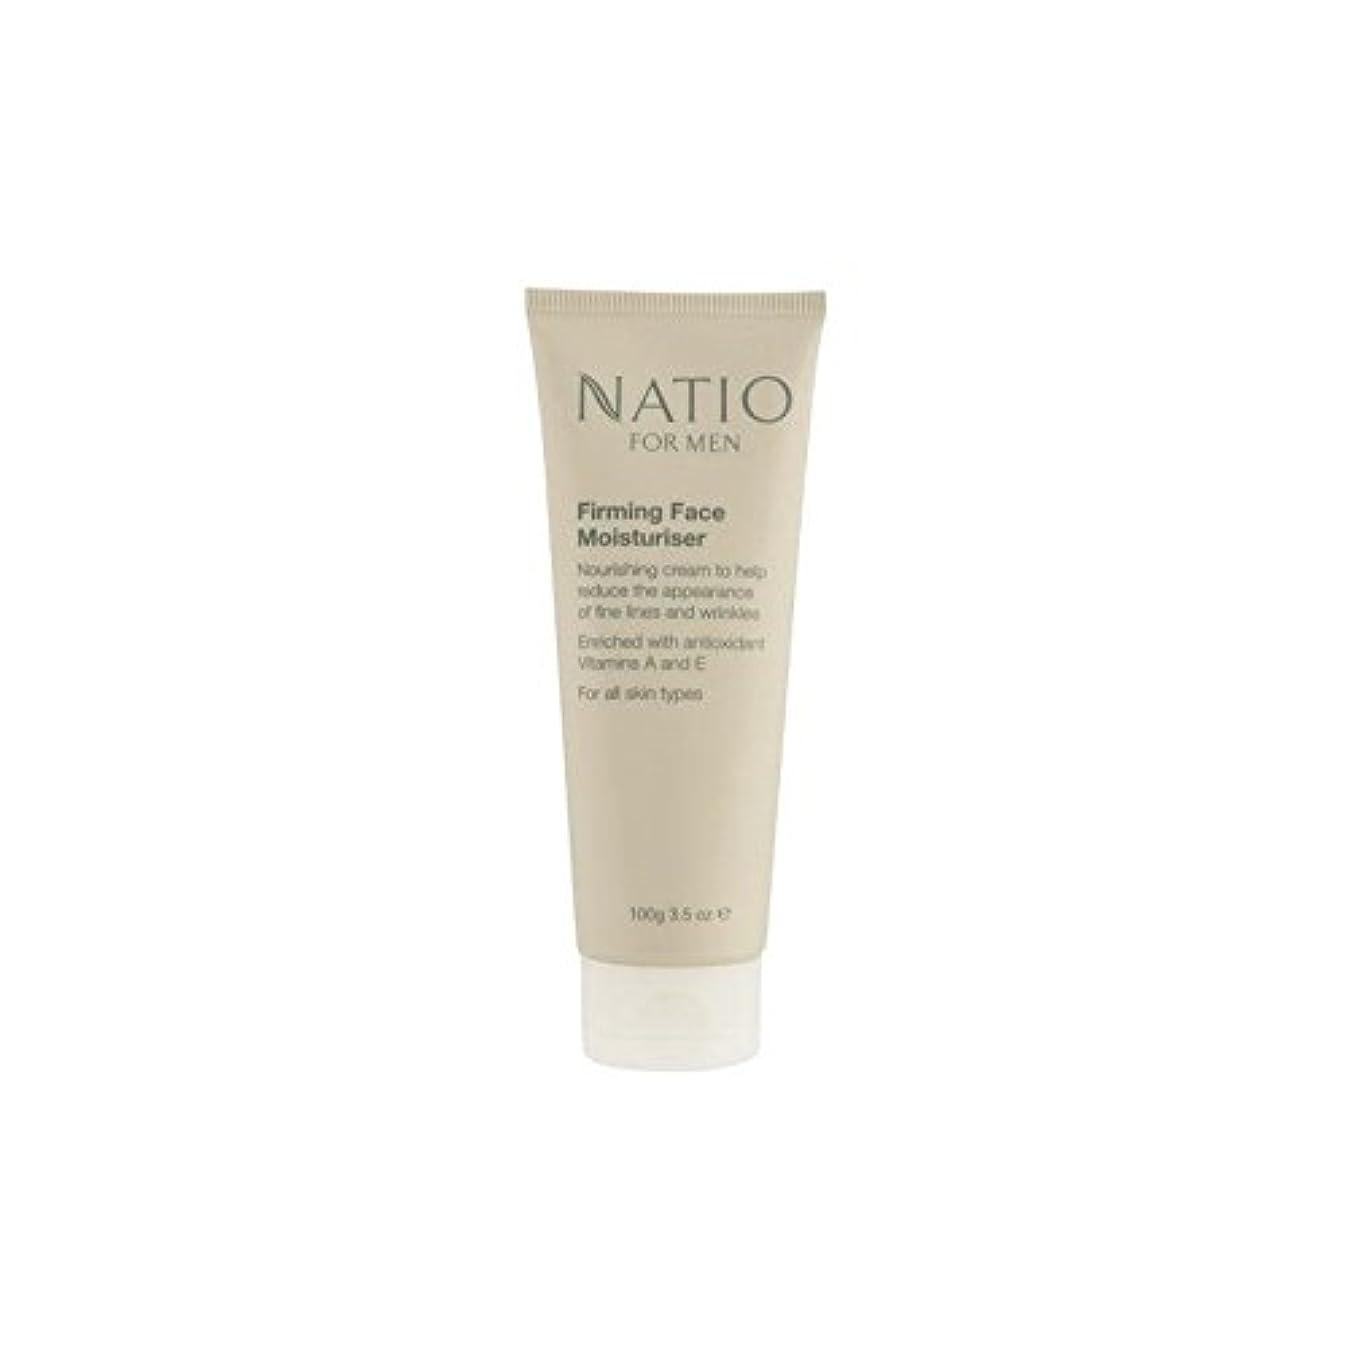 やろう保安育成Natio For Men Firming Face Moisturiser (100G) - 顔の保湿剤を引き締め男性のための(100グラム) [並行輸入品]